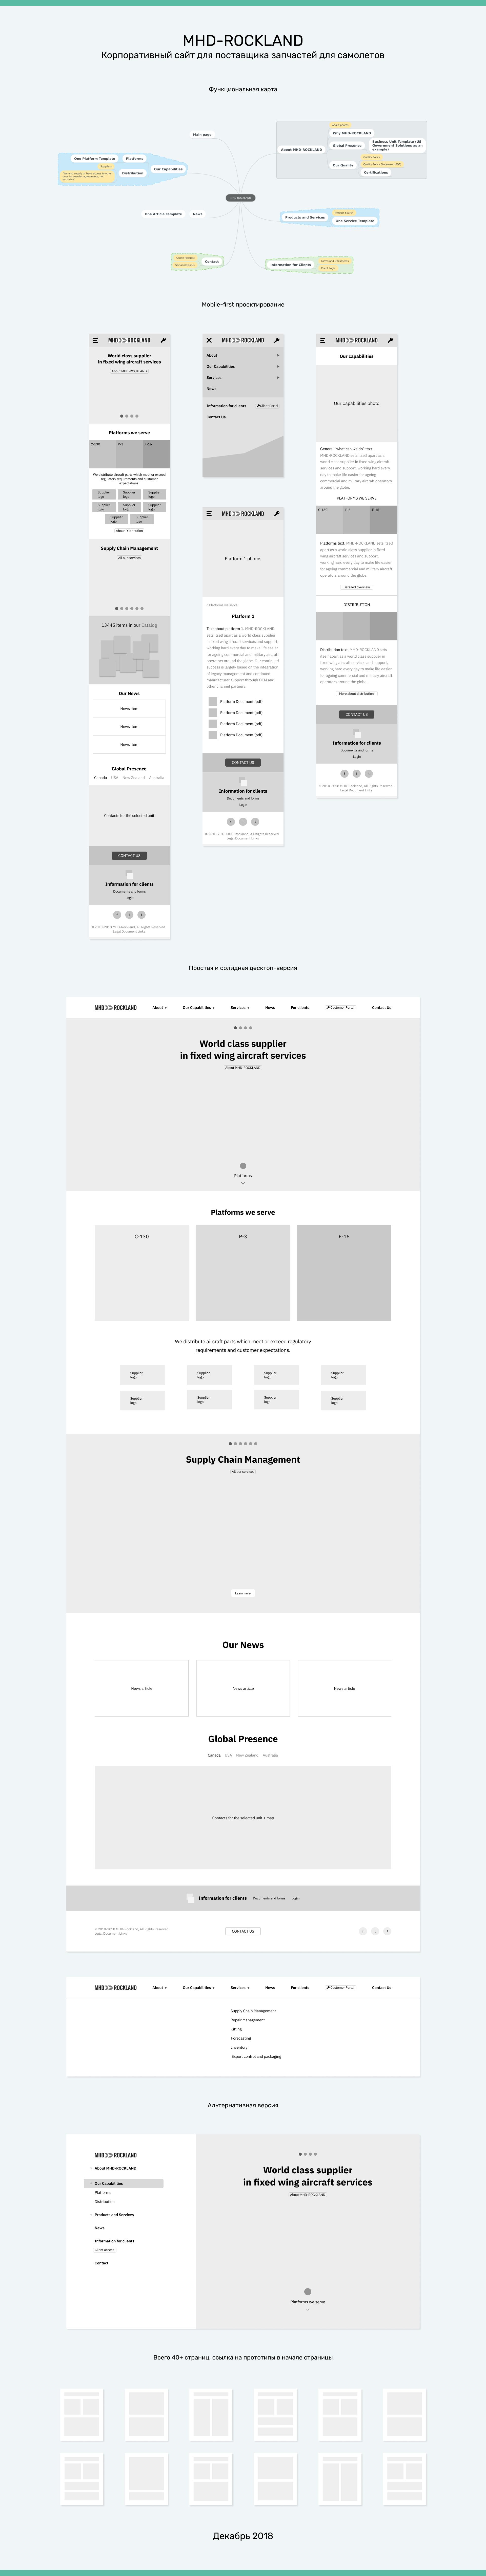 Mobile-first проектирование корпоративного сайта